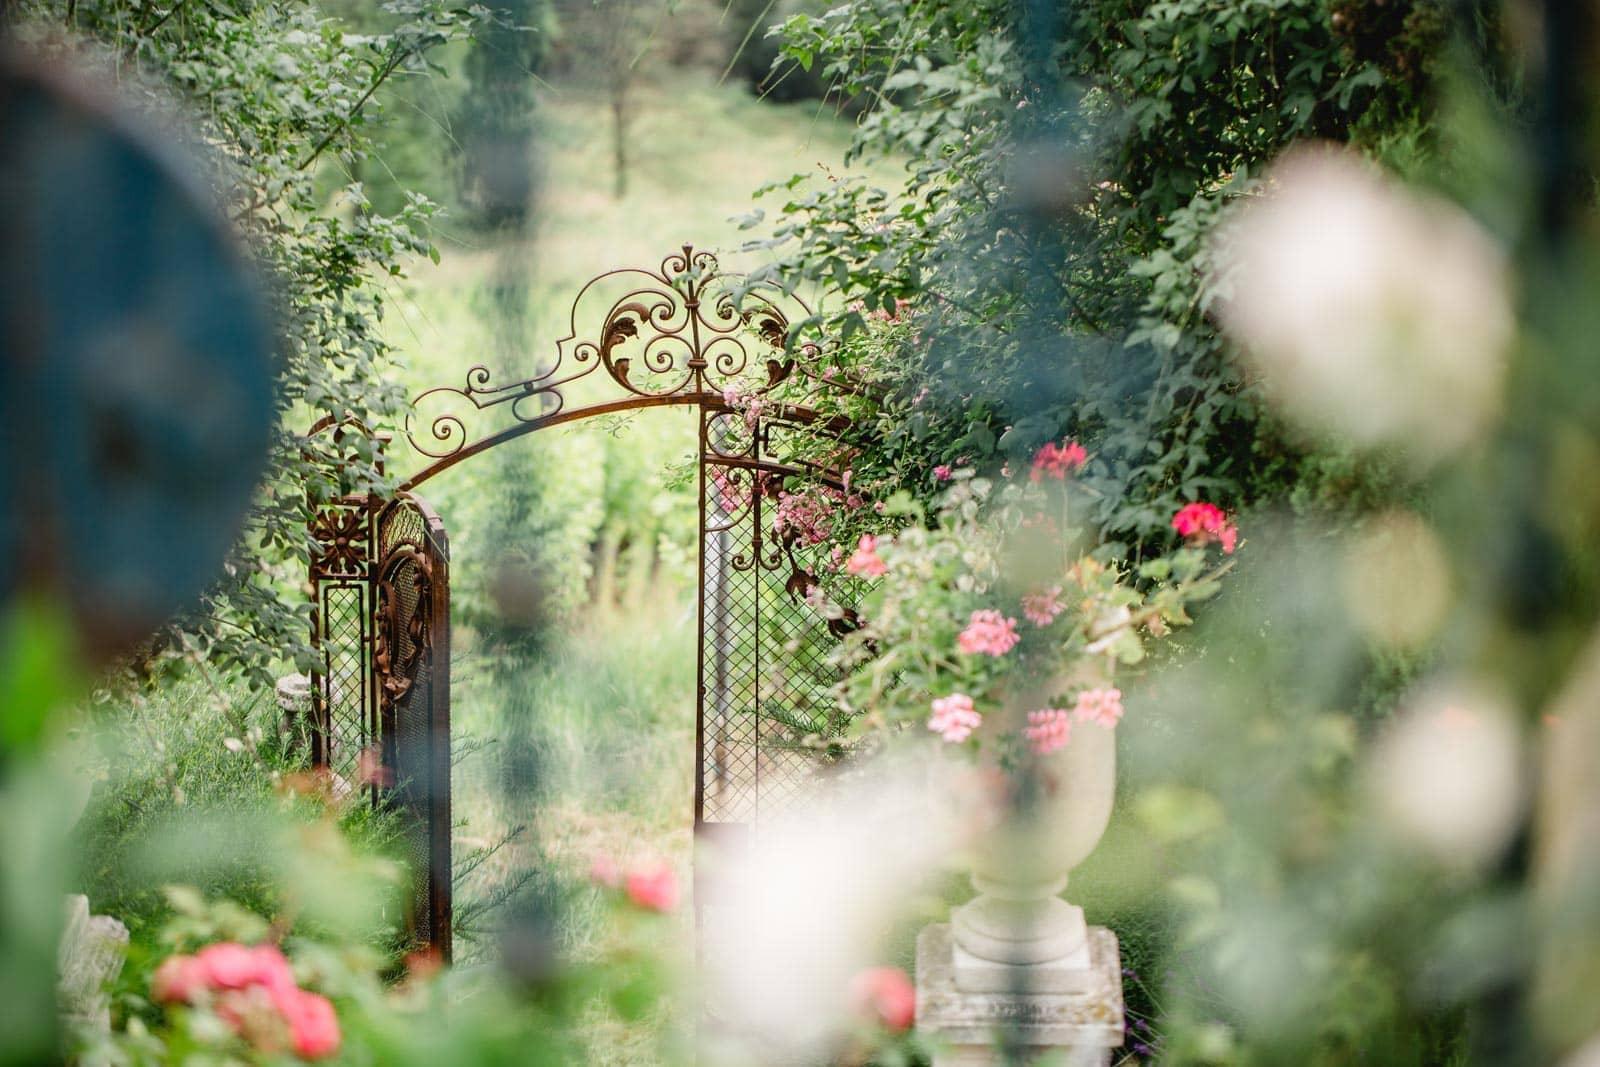 Der Garten Polz ist einer der schönsten Gärten in der Steiermark